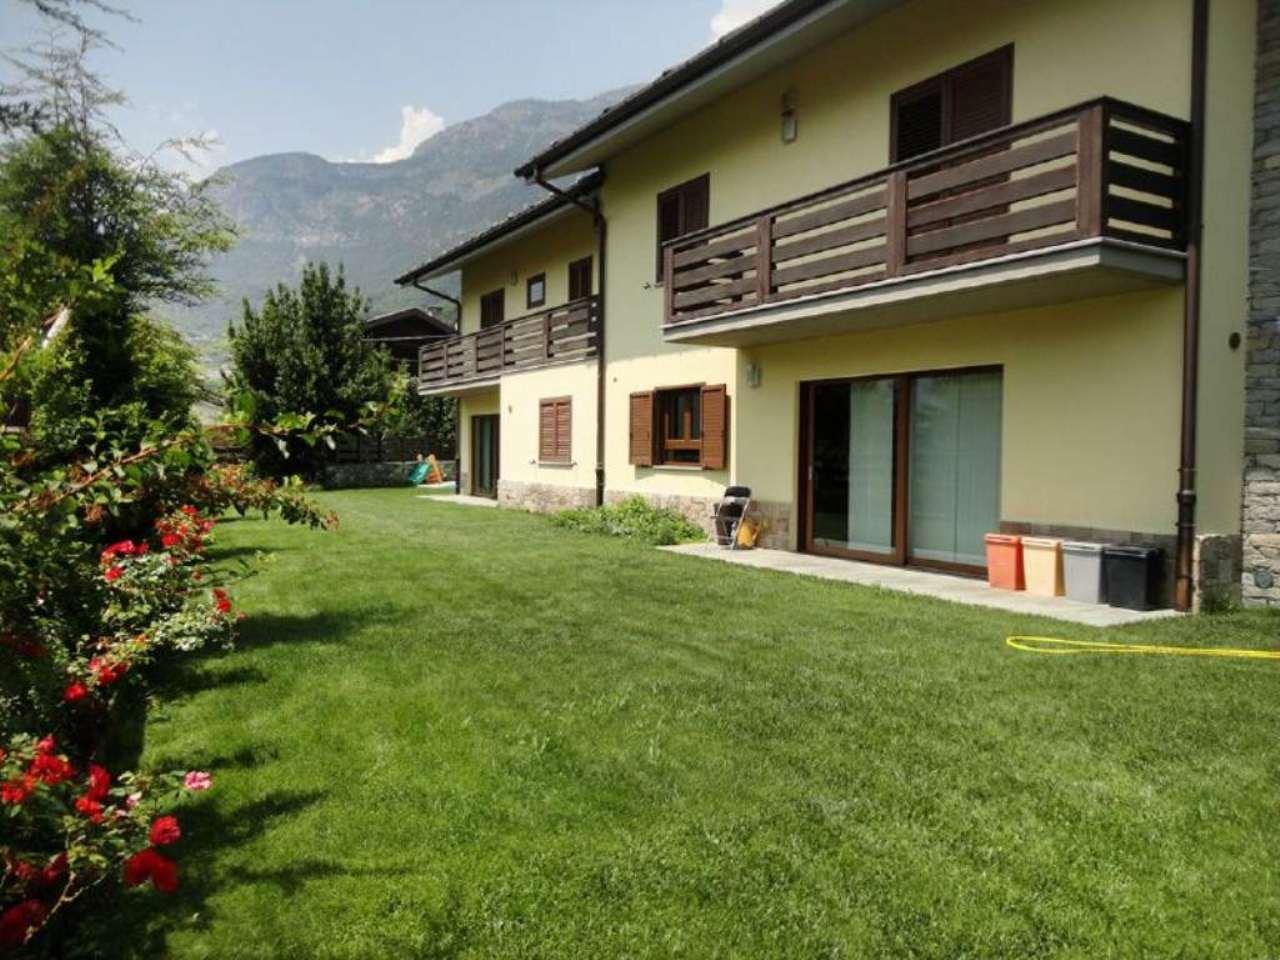 Villa Bifamiliare in vendita a Saint-Vincent, 9 locali, Trattative riservate | Cambio Casa.it